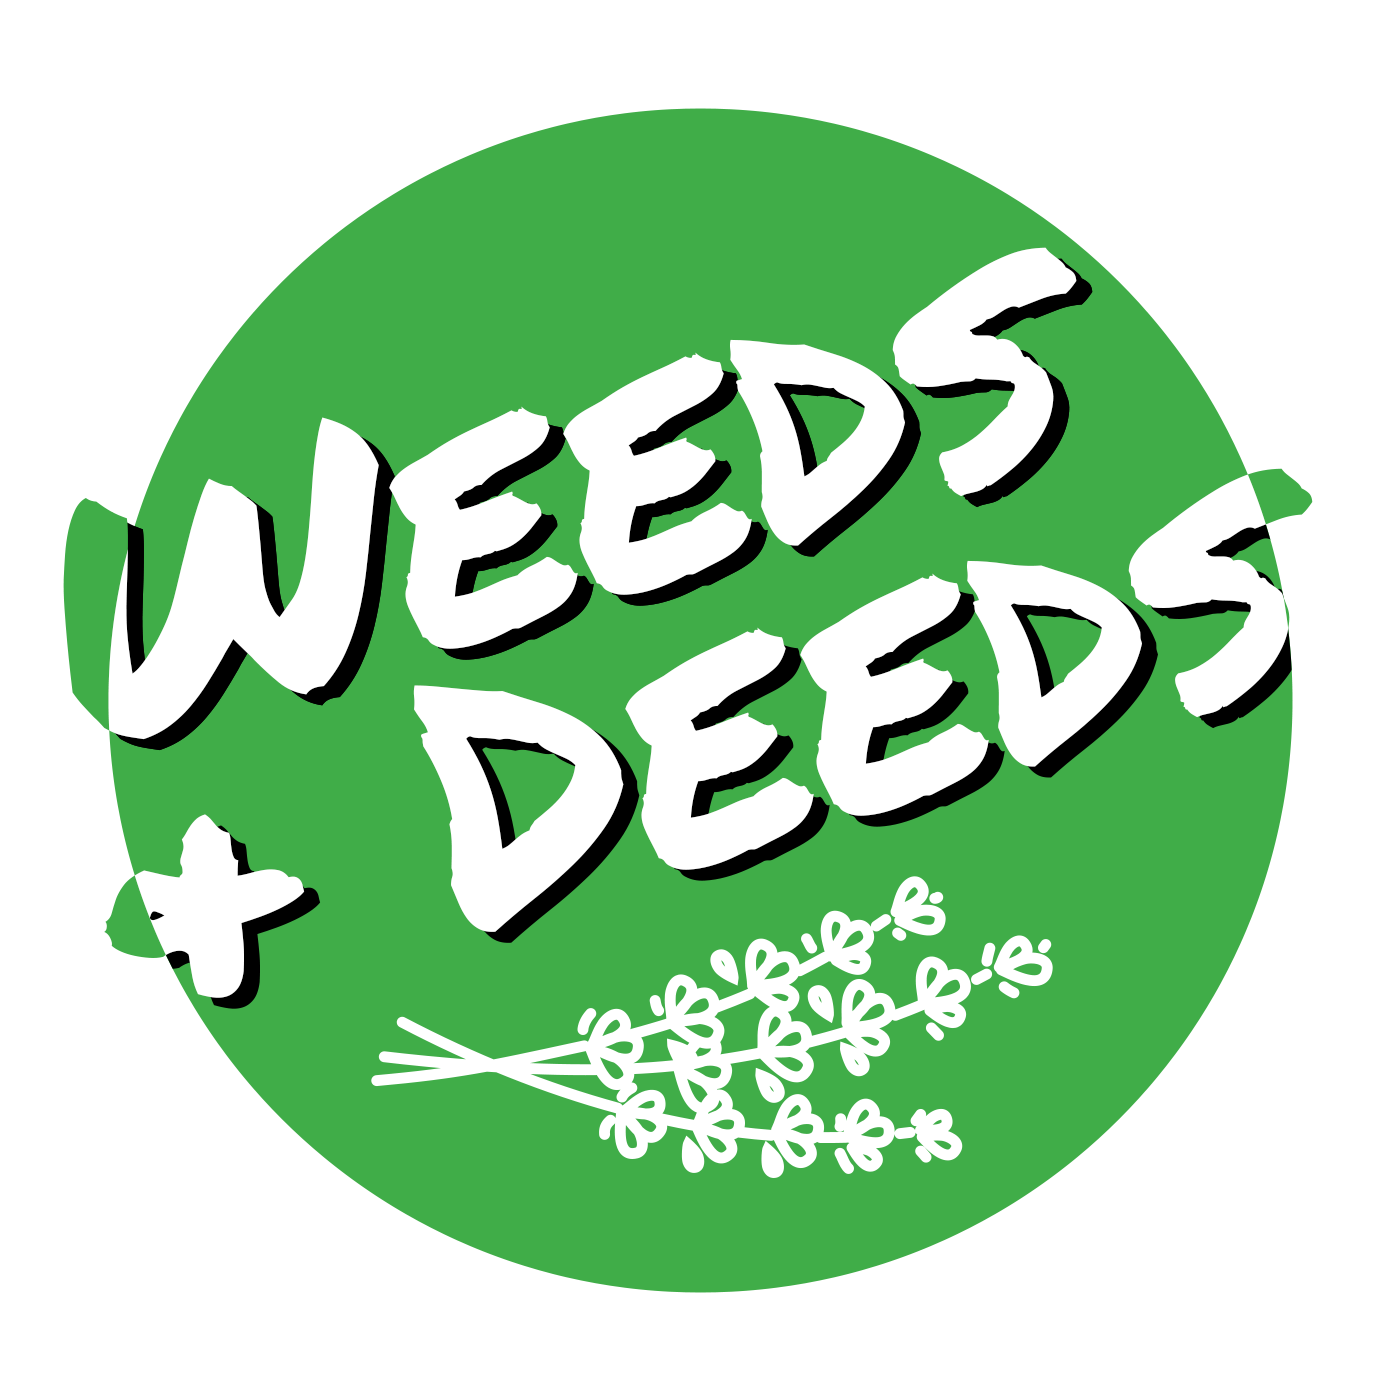 Weeds and Deeds